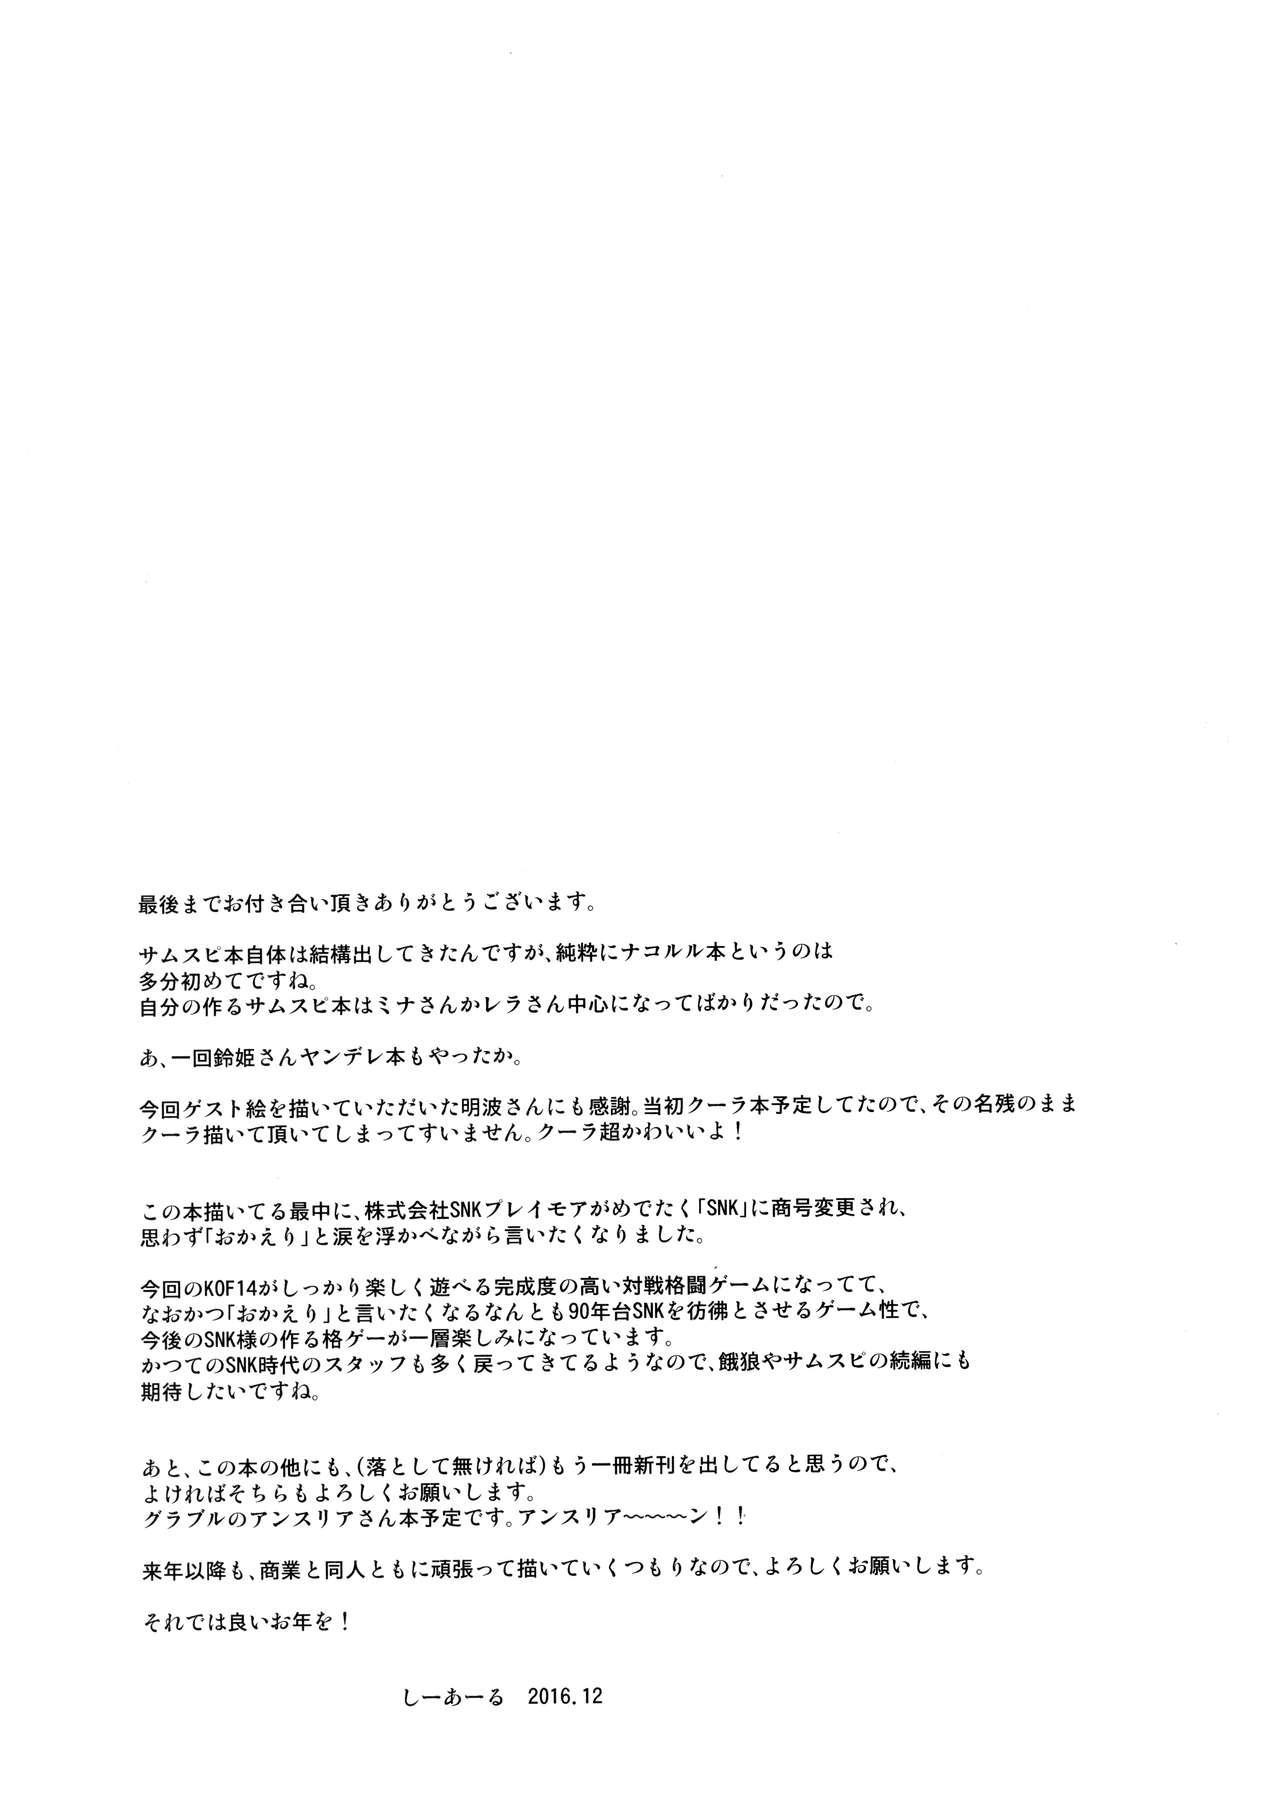 Soukyoku no Miko 23